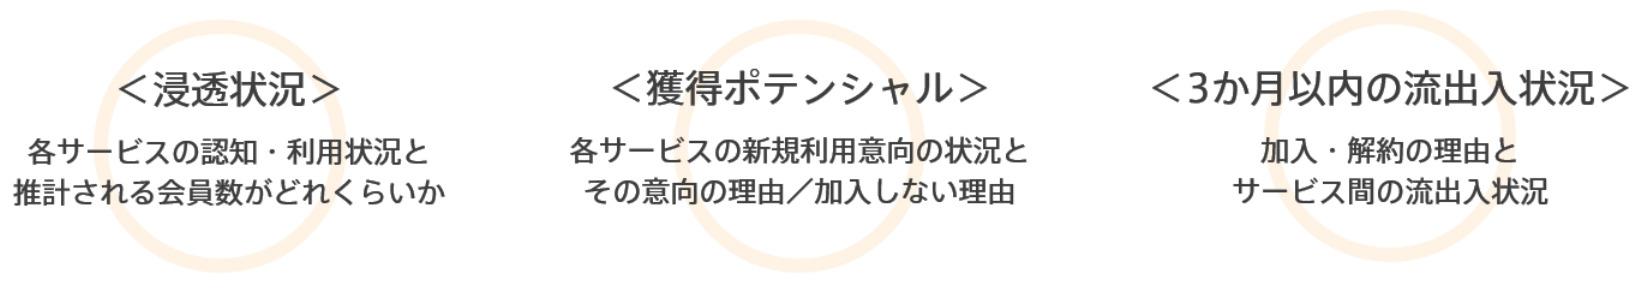 定額制動画配信サービス ブランド・ロイヤリティ調査の特徴